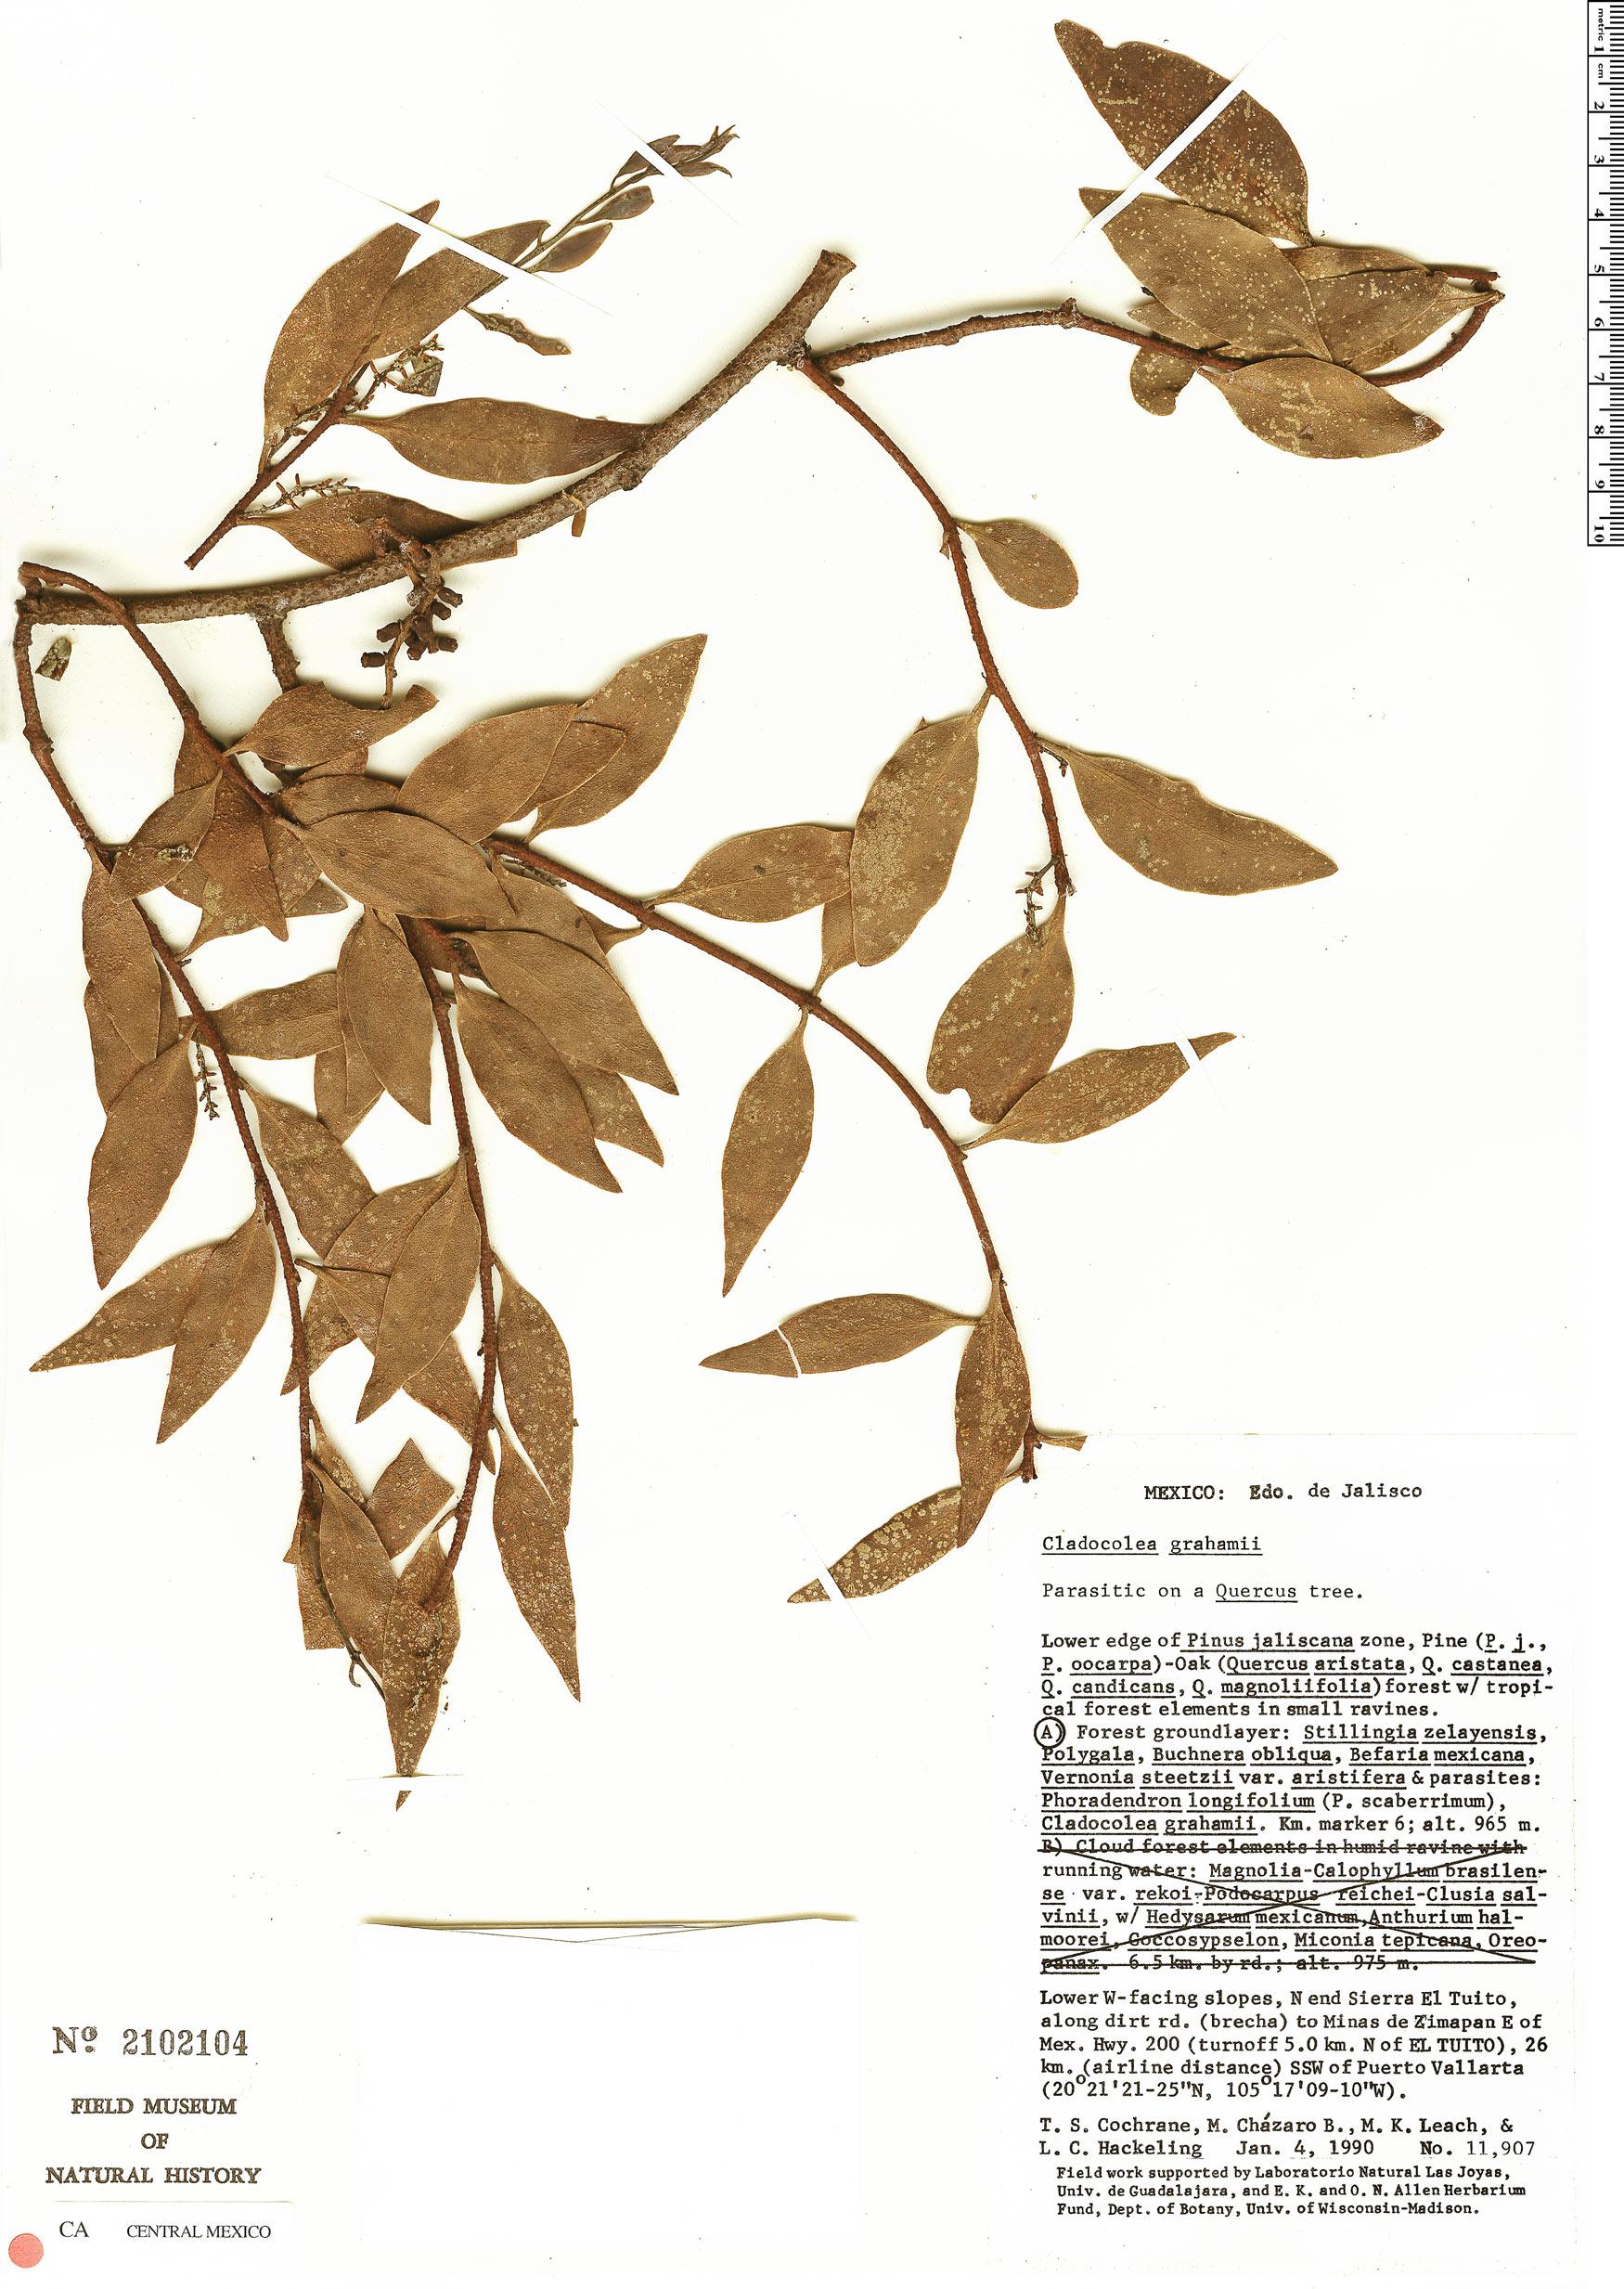 Cladocolea image